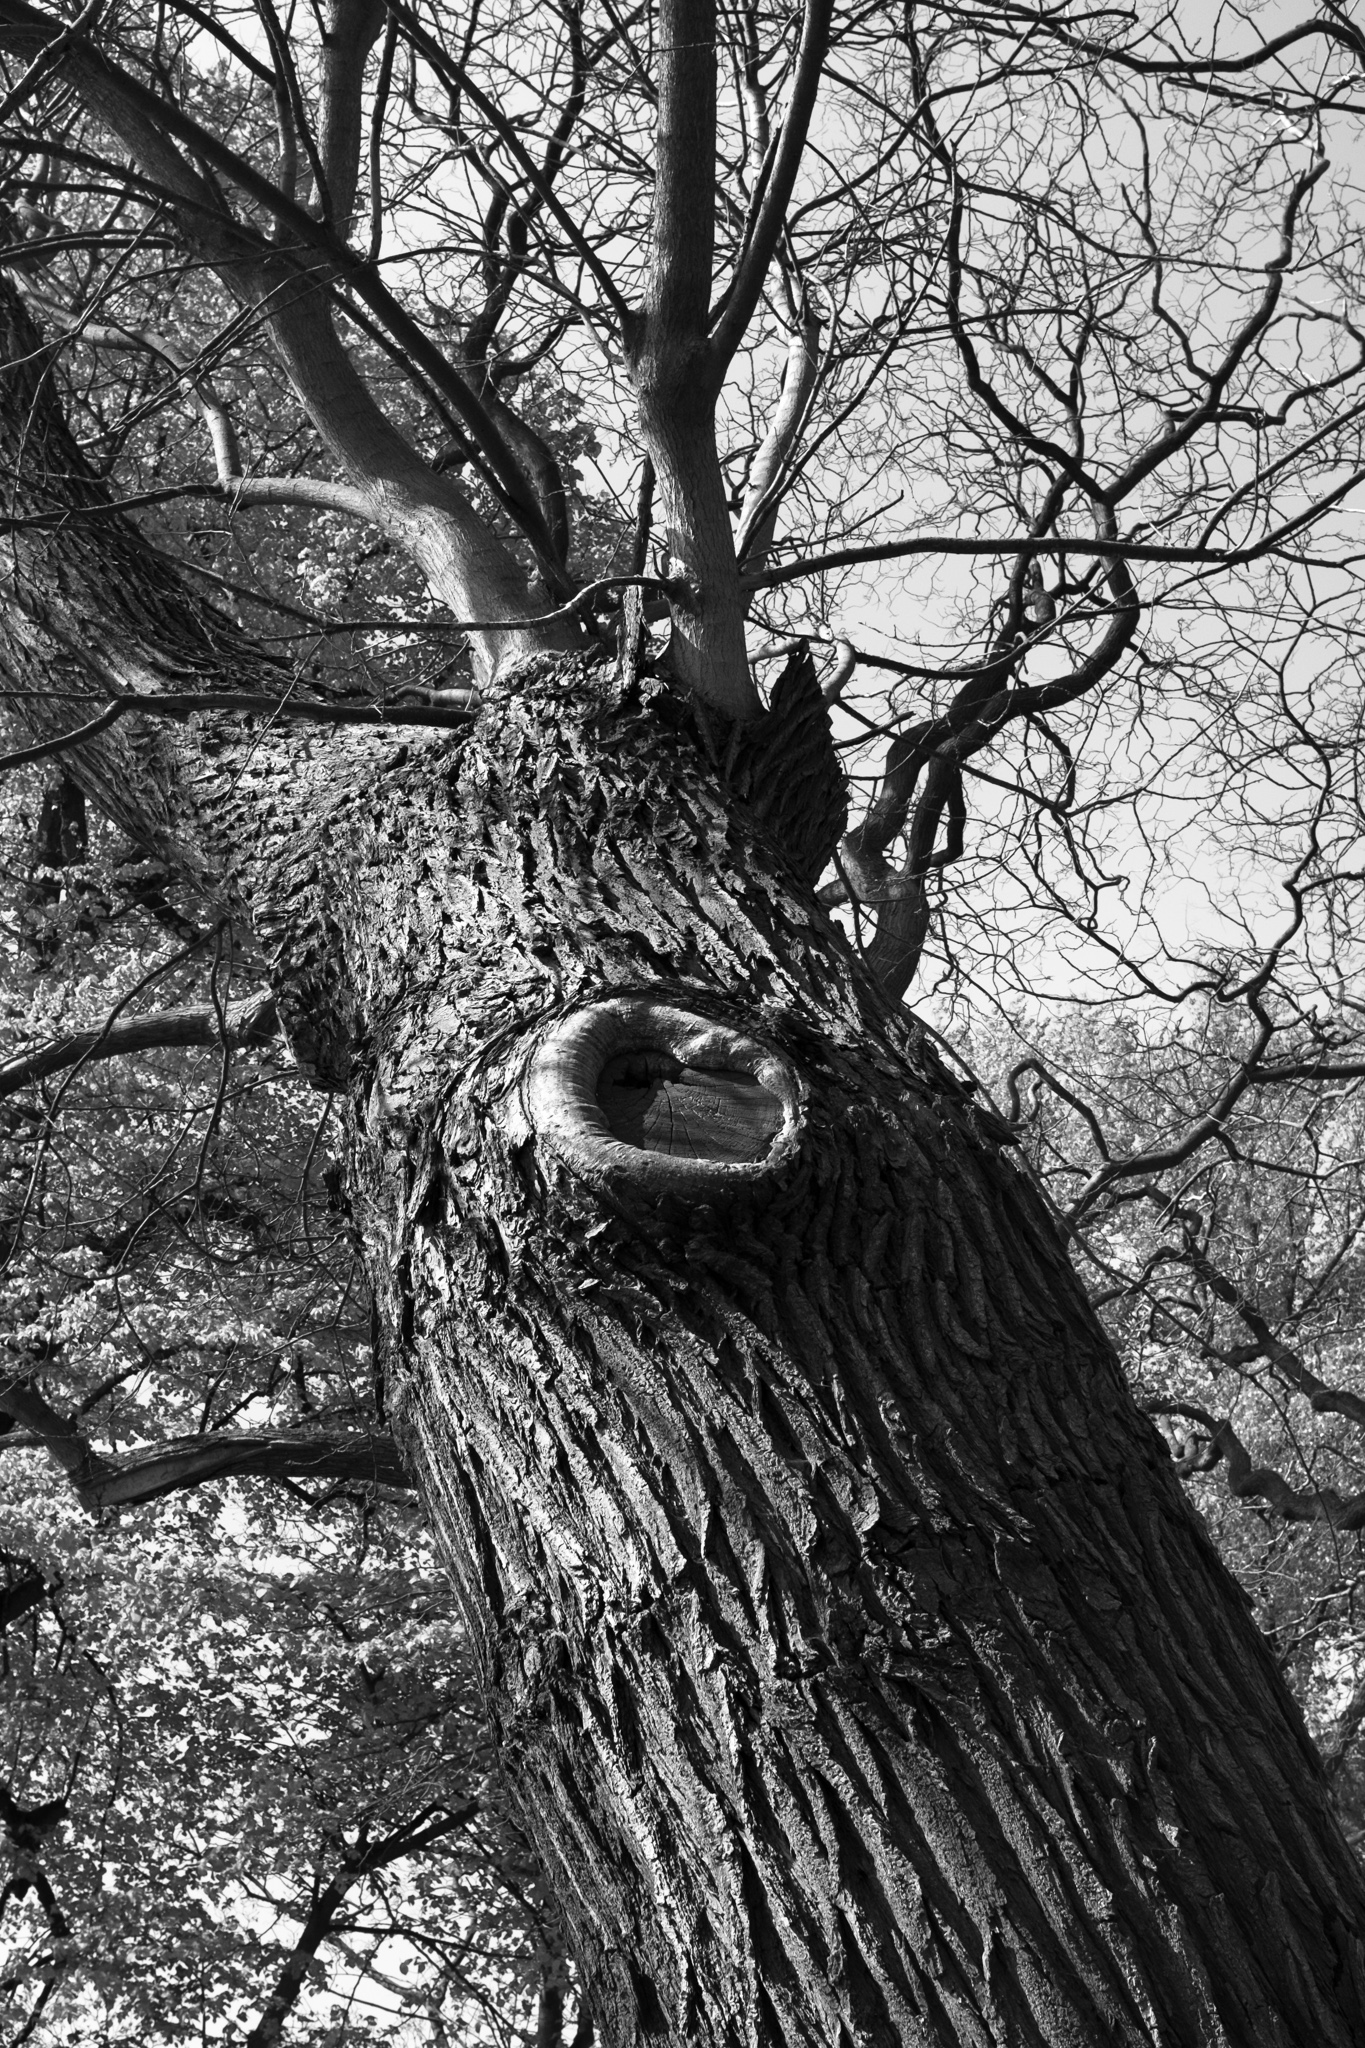 3576-nature-in-belgium.jpg